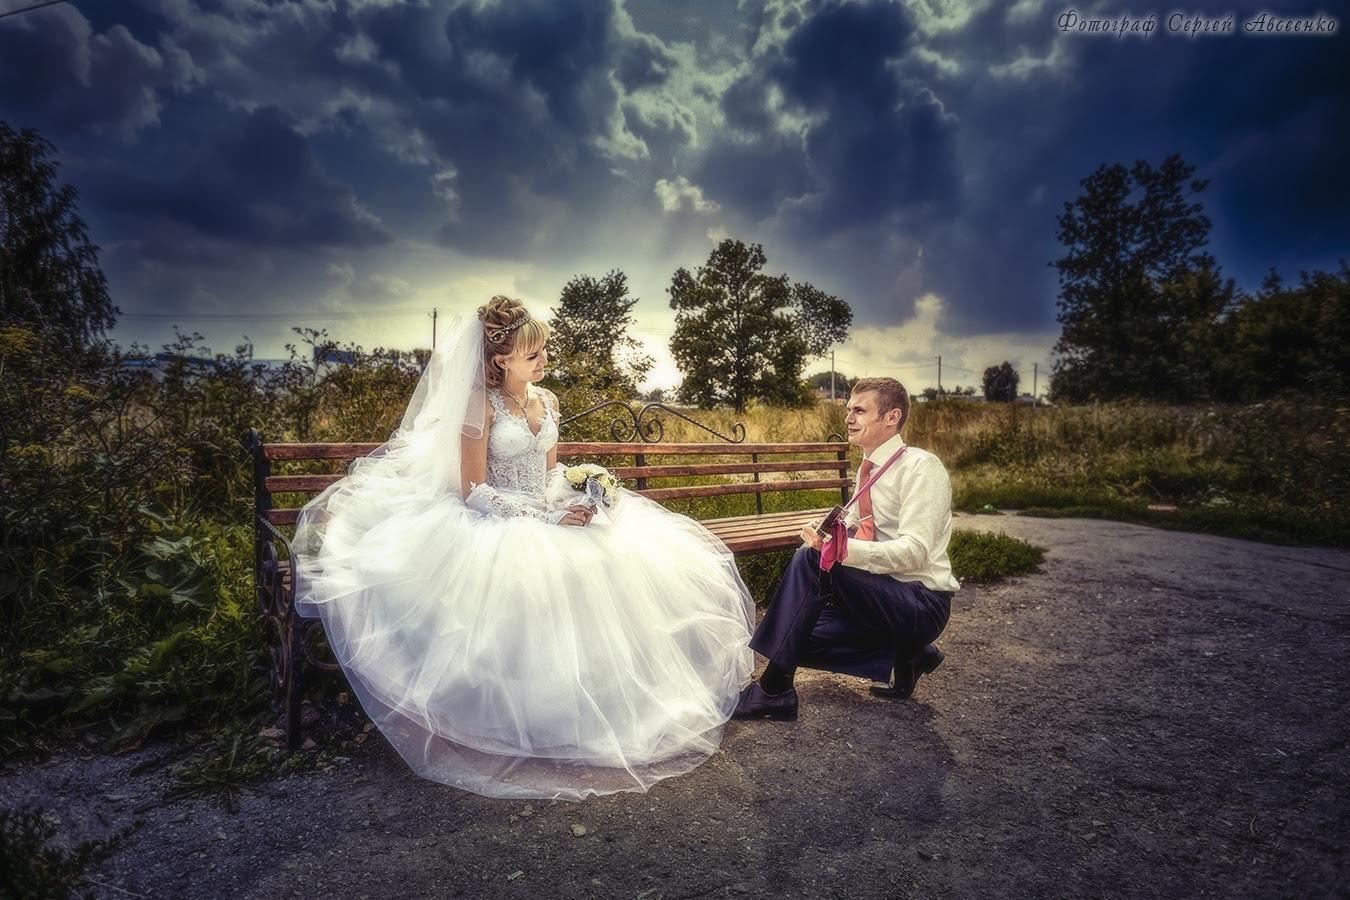 Иван ургант с женой свадьба фото пример сочетания